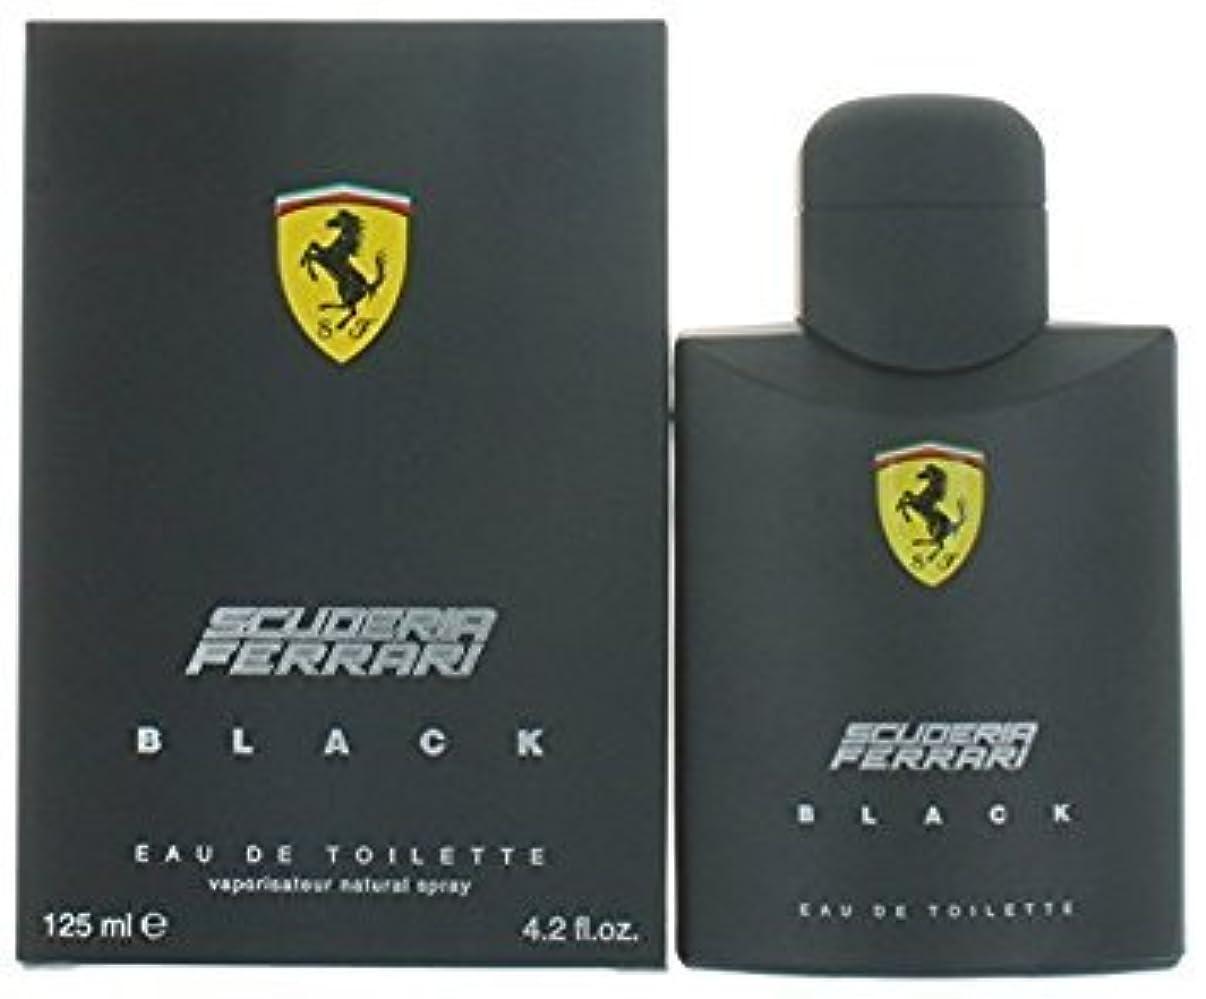 社会学おじさん用心FERRARI フェラーリ フェラーリブラック 125ml メンズ 香水 (並行輸入品)